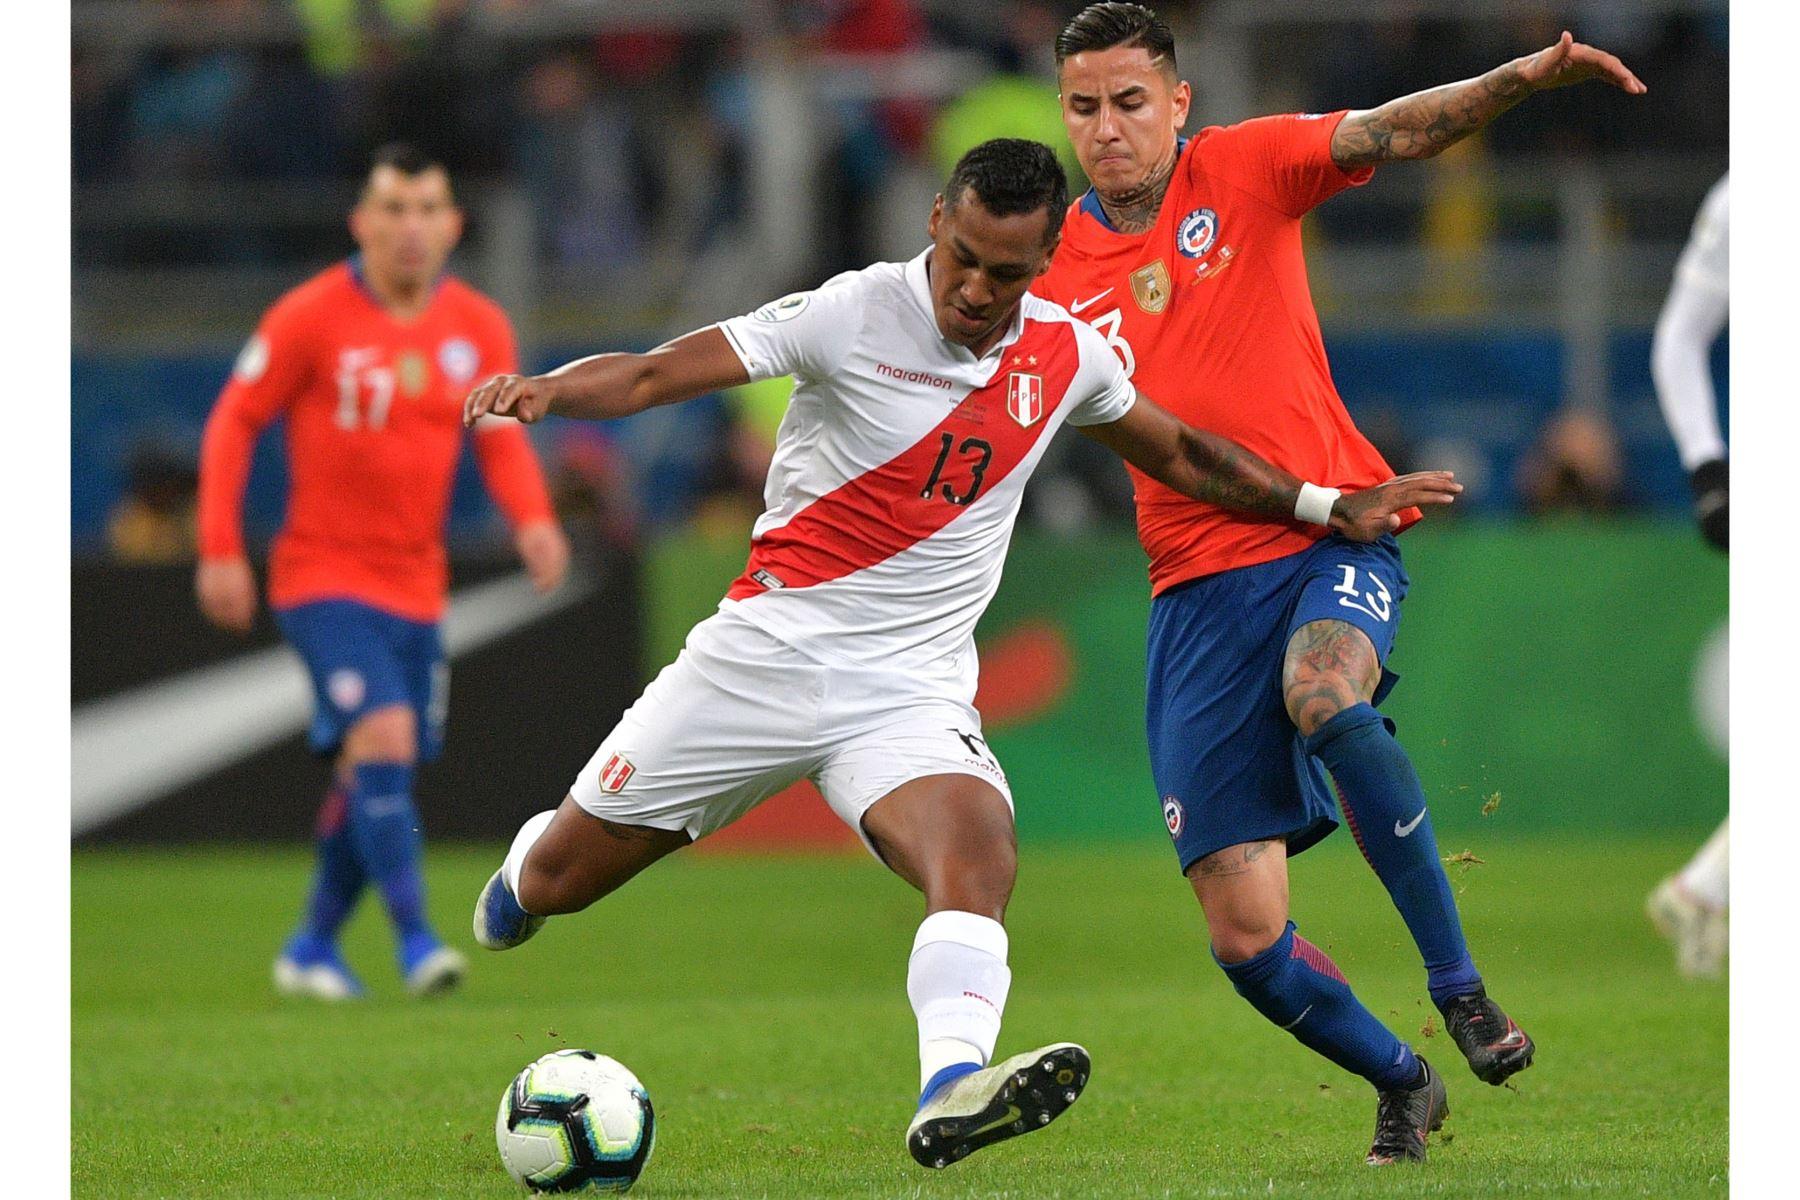 Selección peruana: La fecha y hora que enfrentará a Bolivia